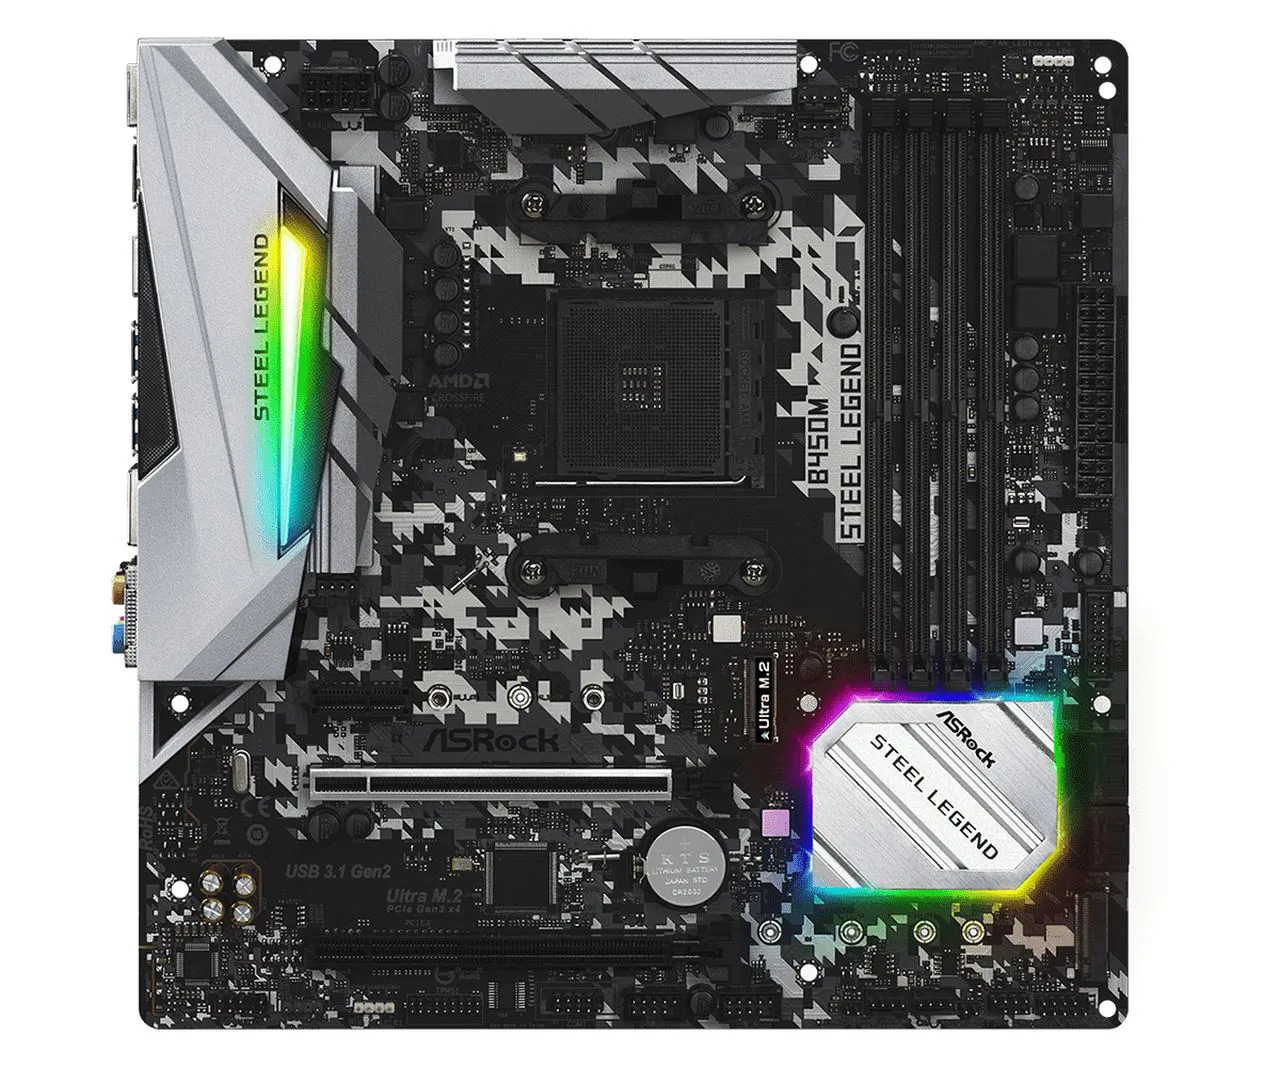 Placa Mãe ASRock B450M Steel Legend Chipset B450 AMD AM4 mATX DDR4